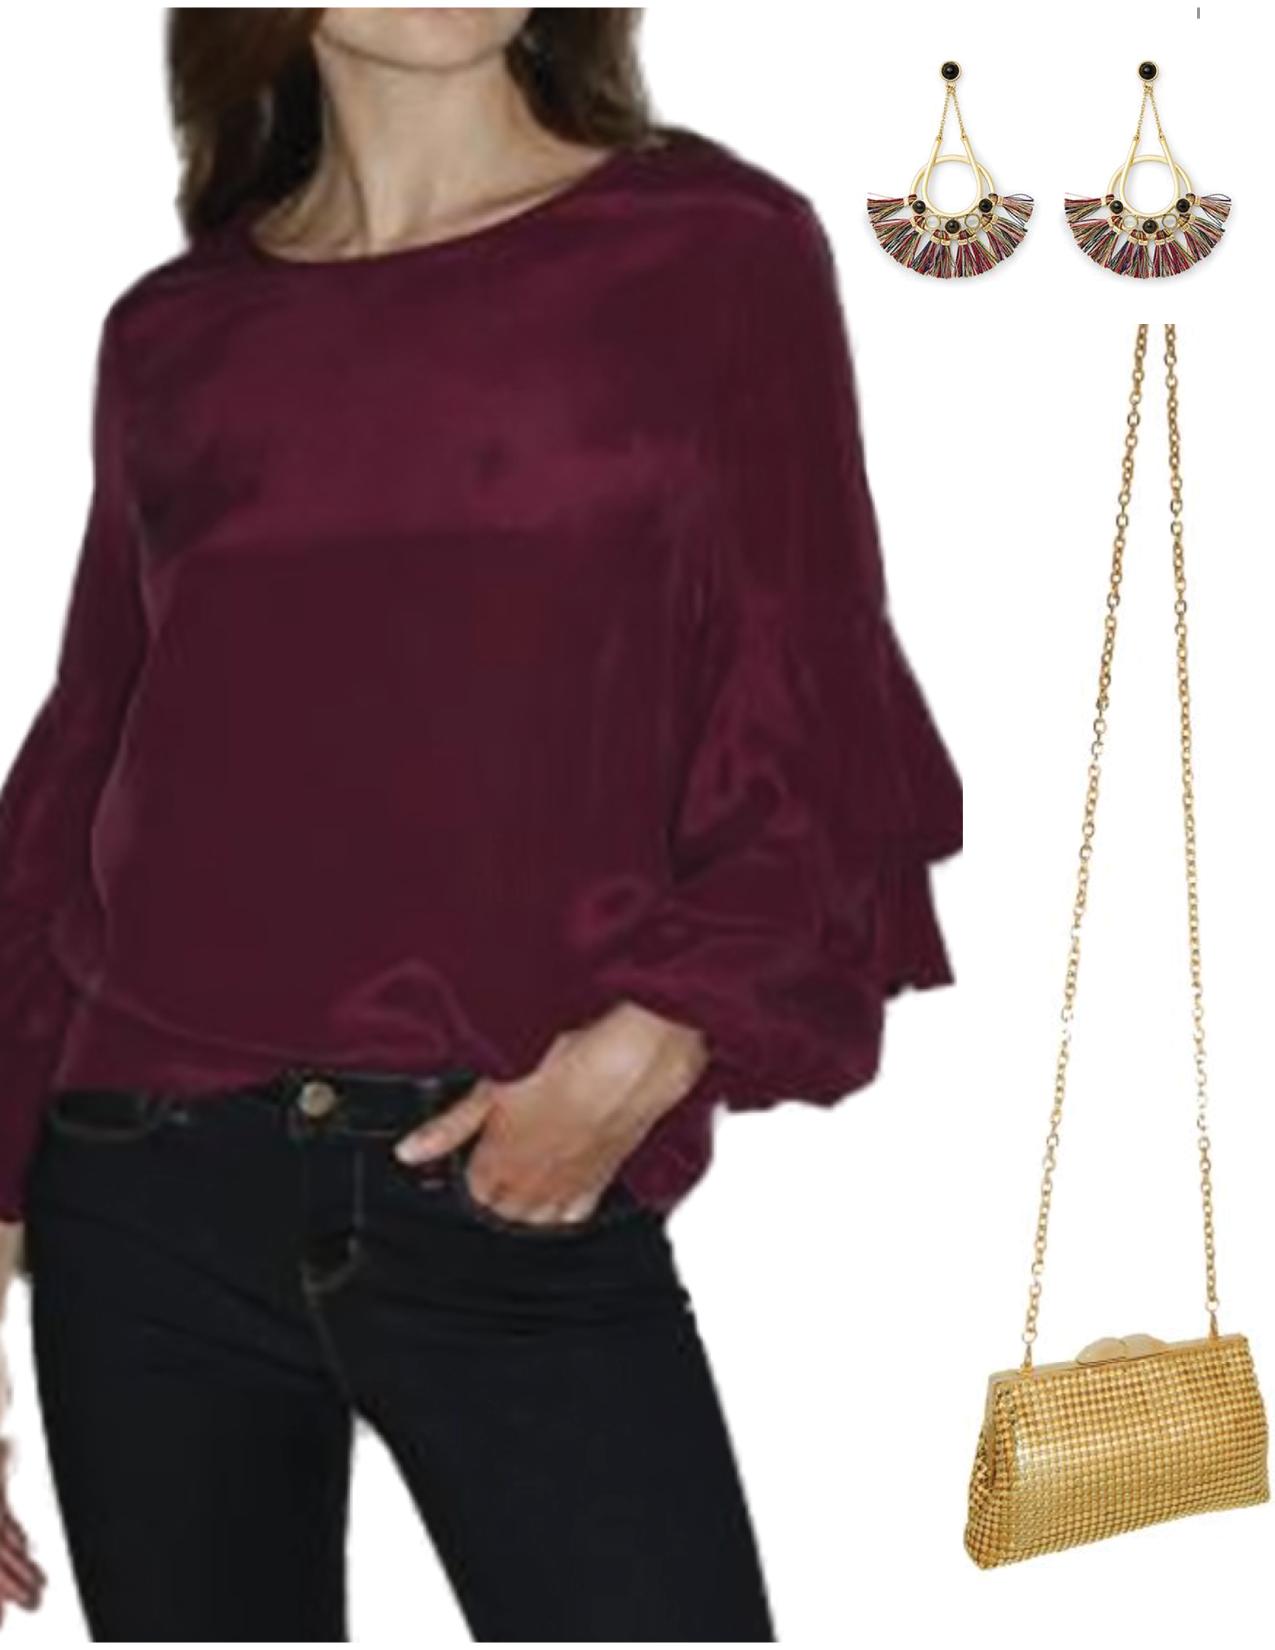 accessories_plumtop.png